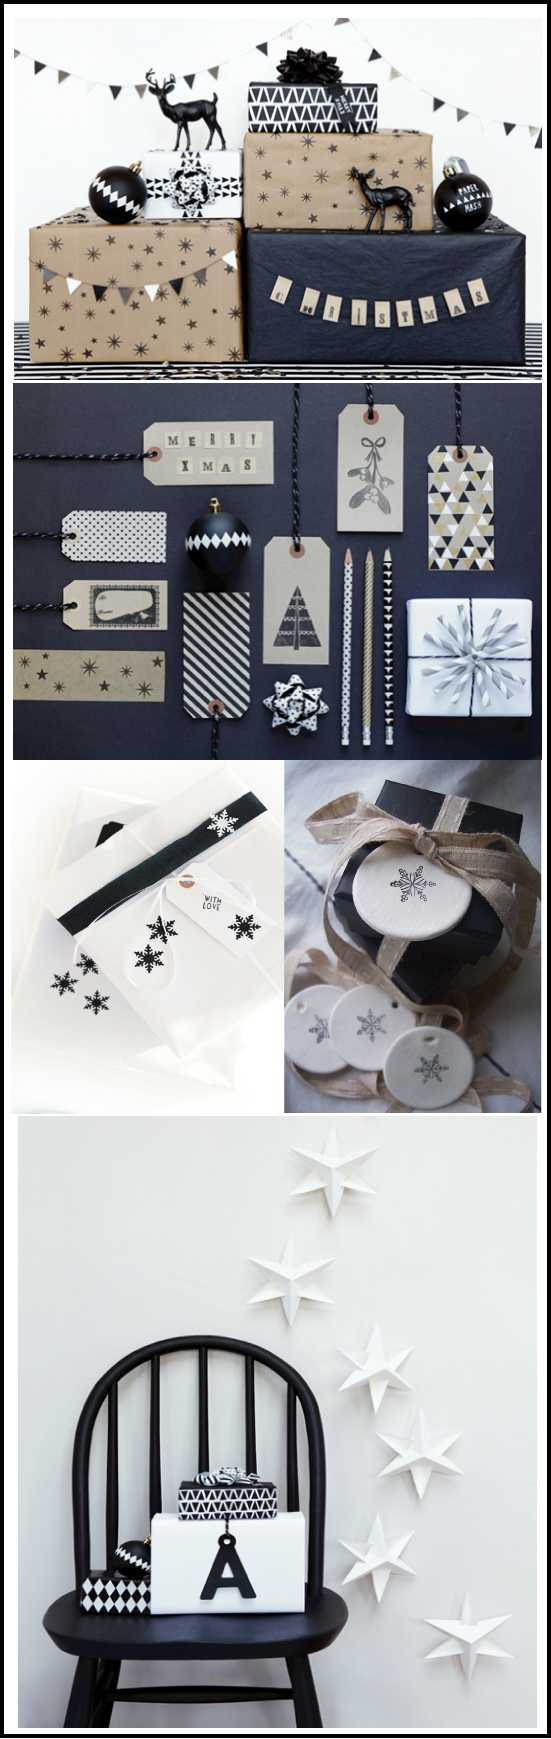 idees d'emballages cadeaux design noir et blanc par chiara stella home